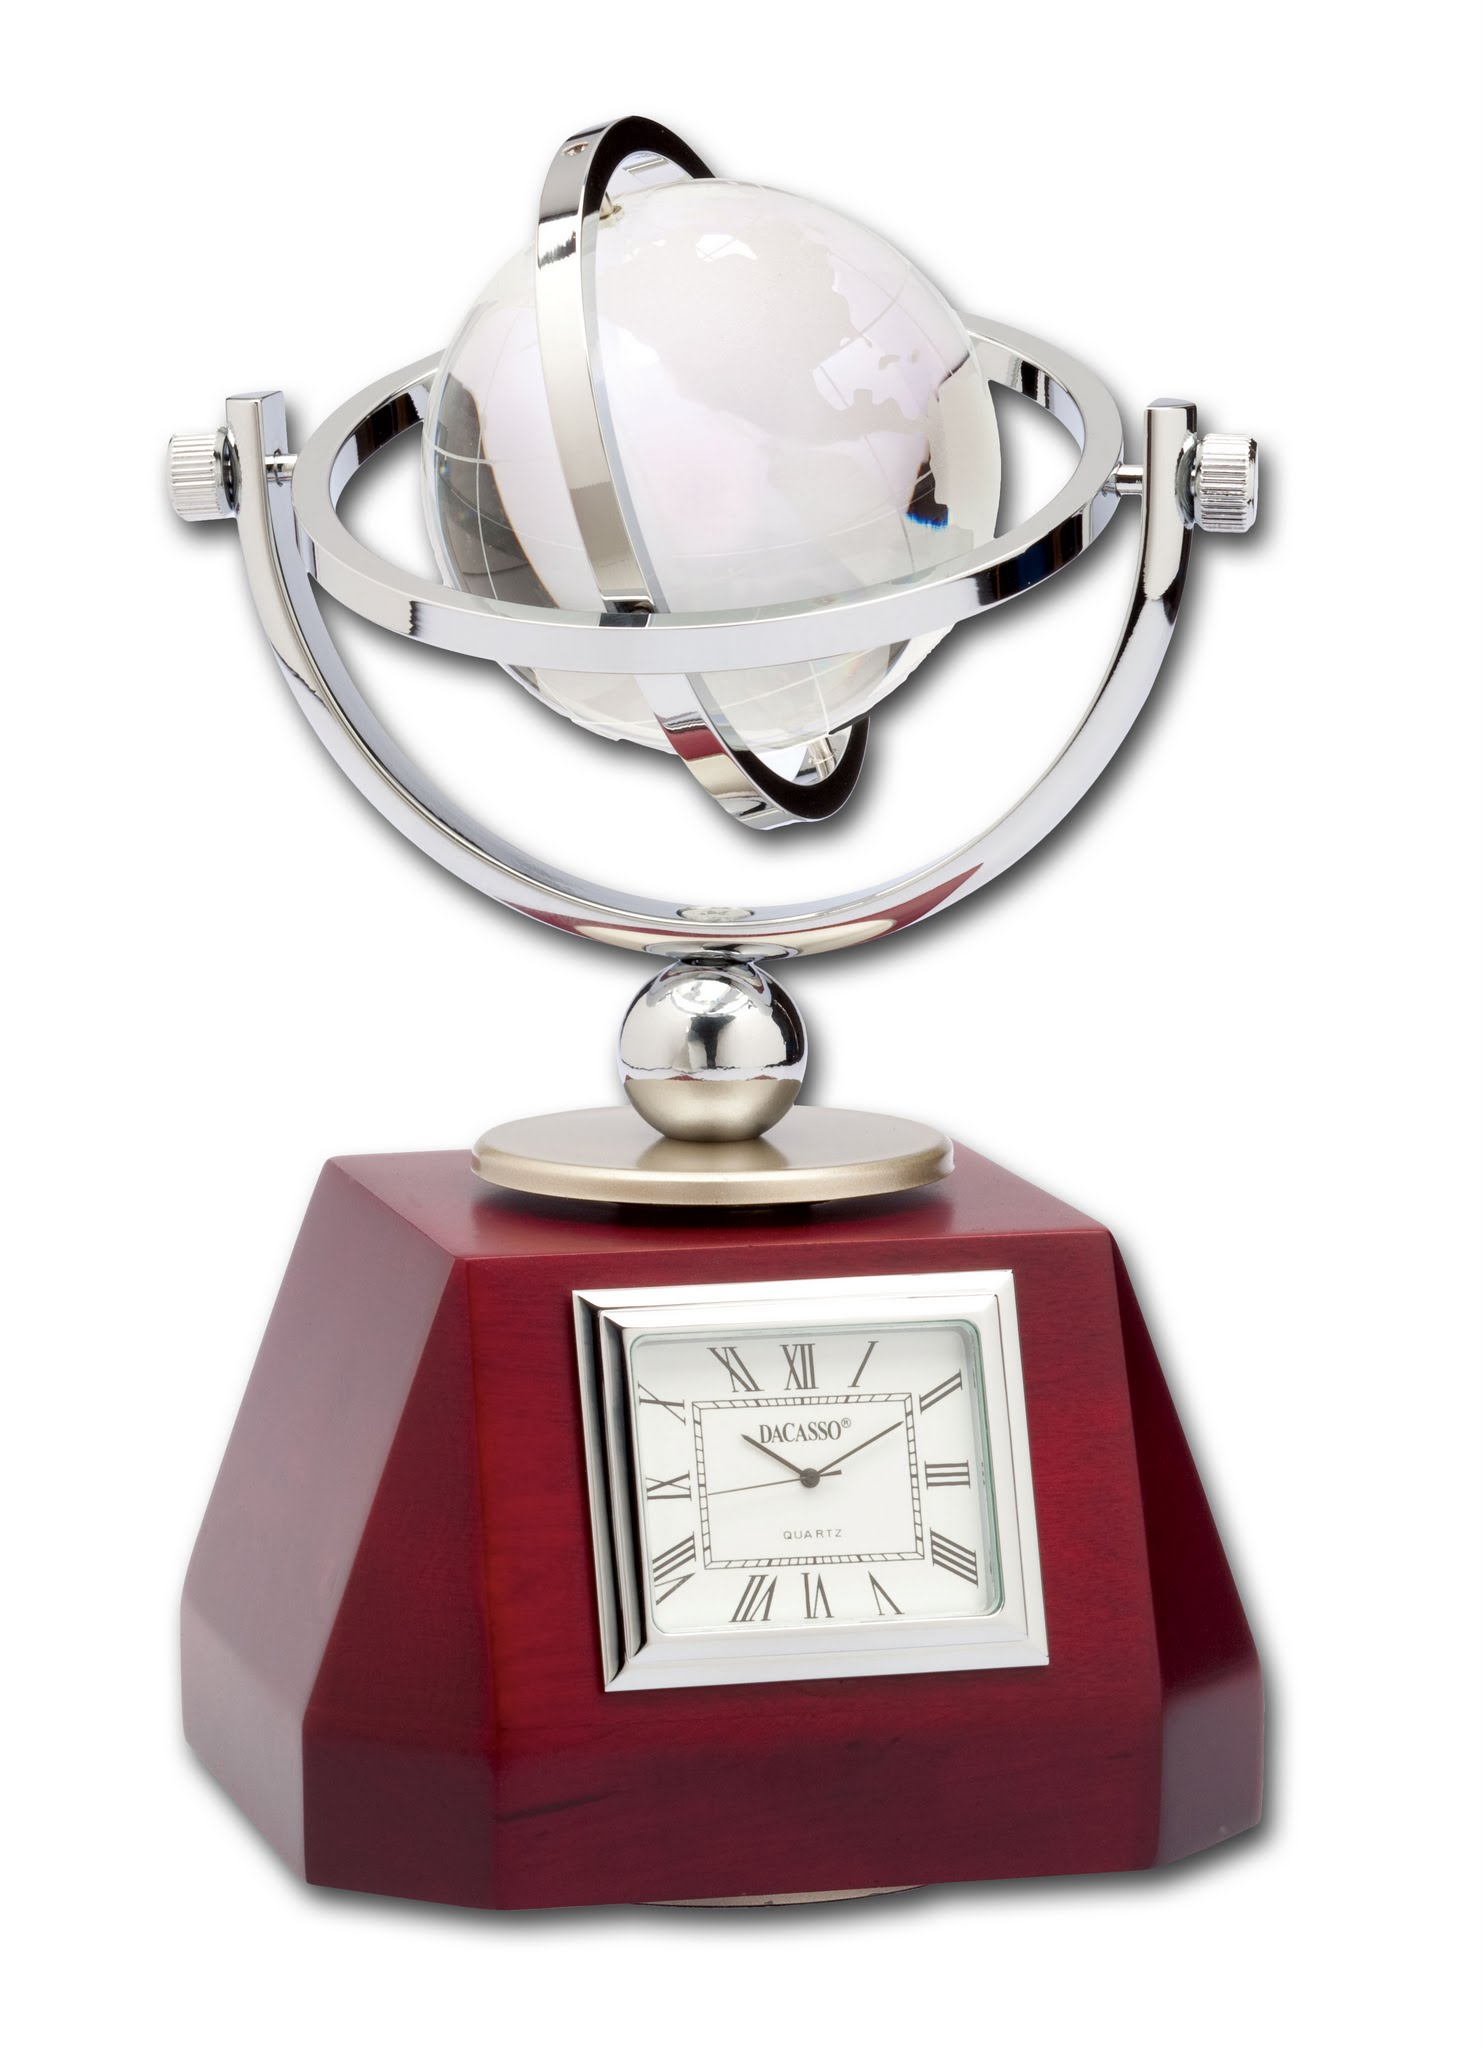 Global Desk Clock by Dacasso